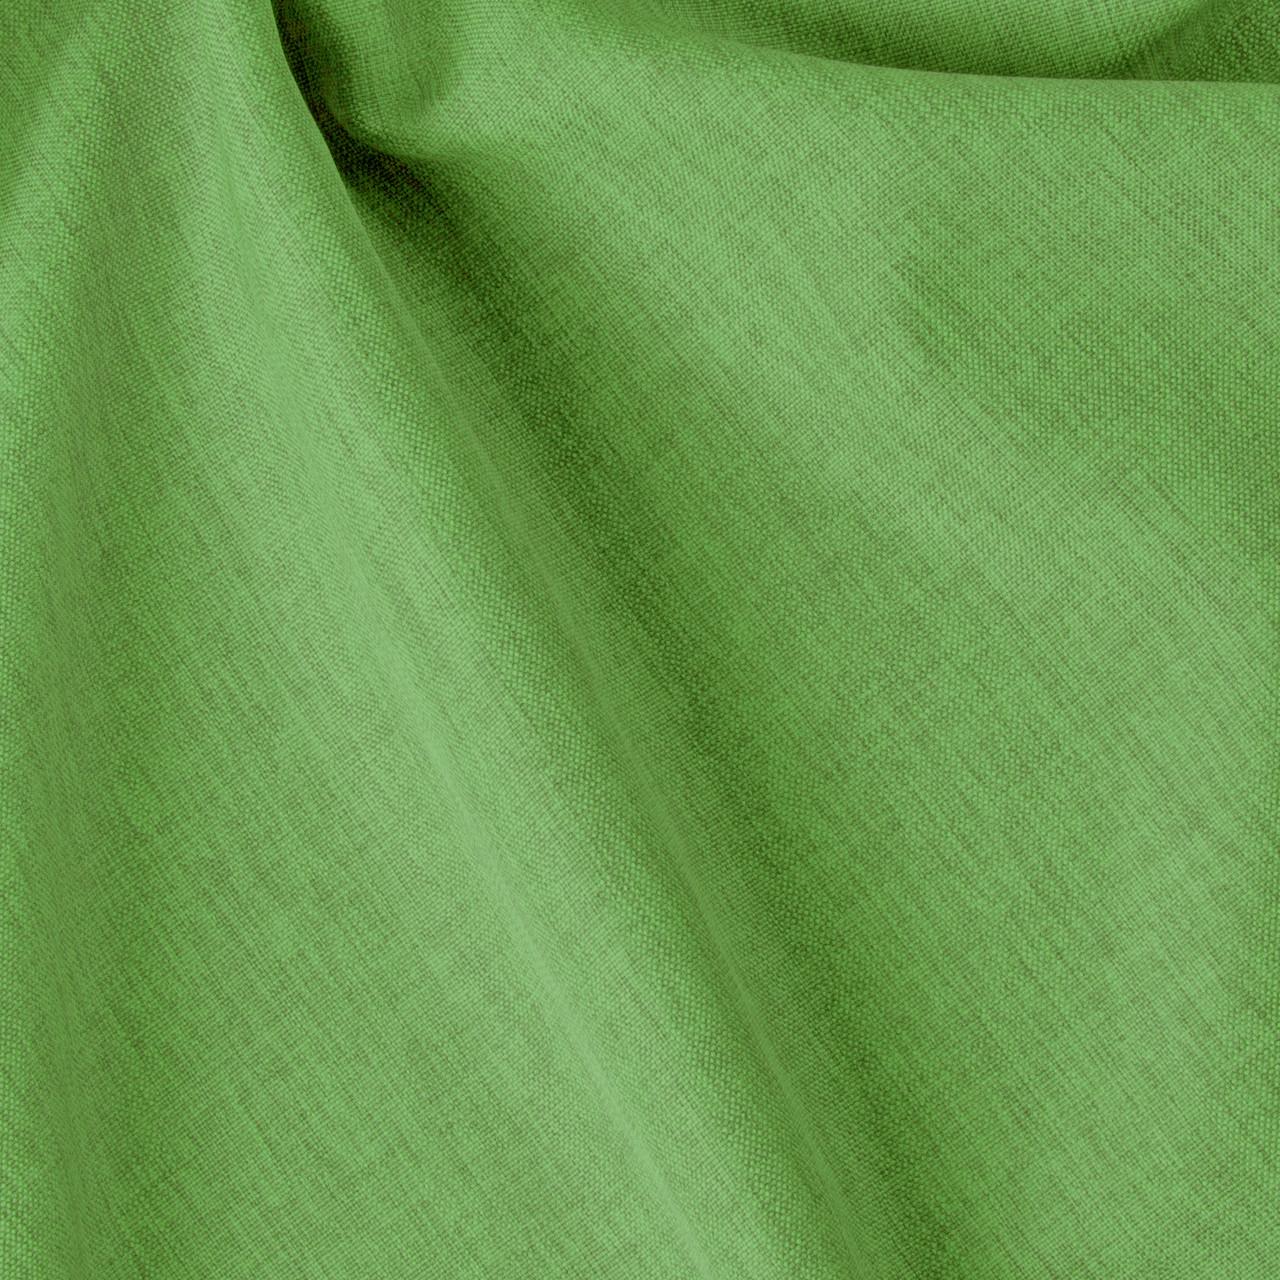 Декоративная однотонная рогожка зеленая 300см 84471v26